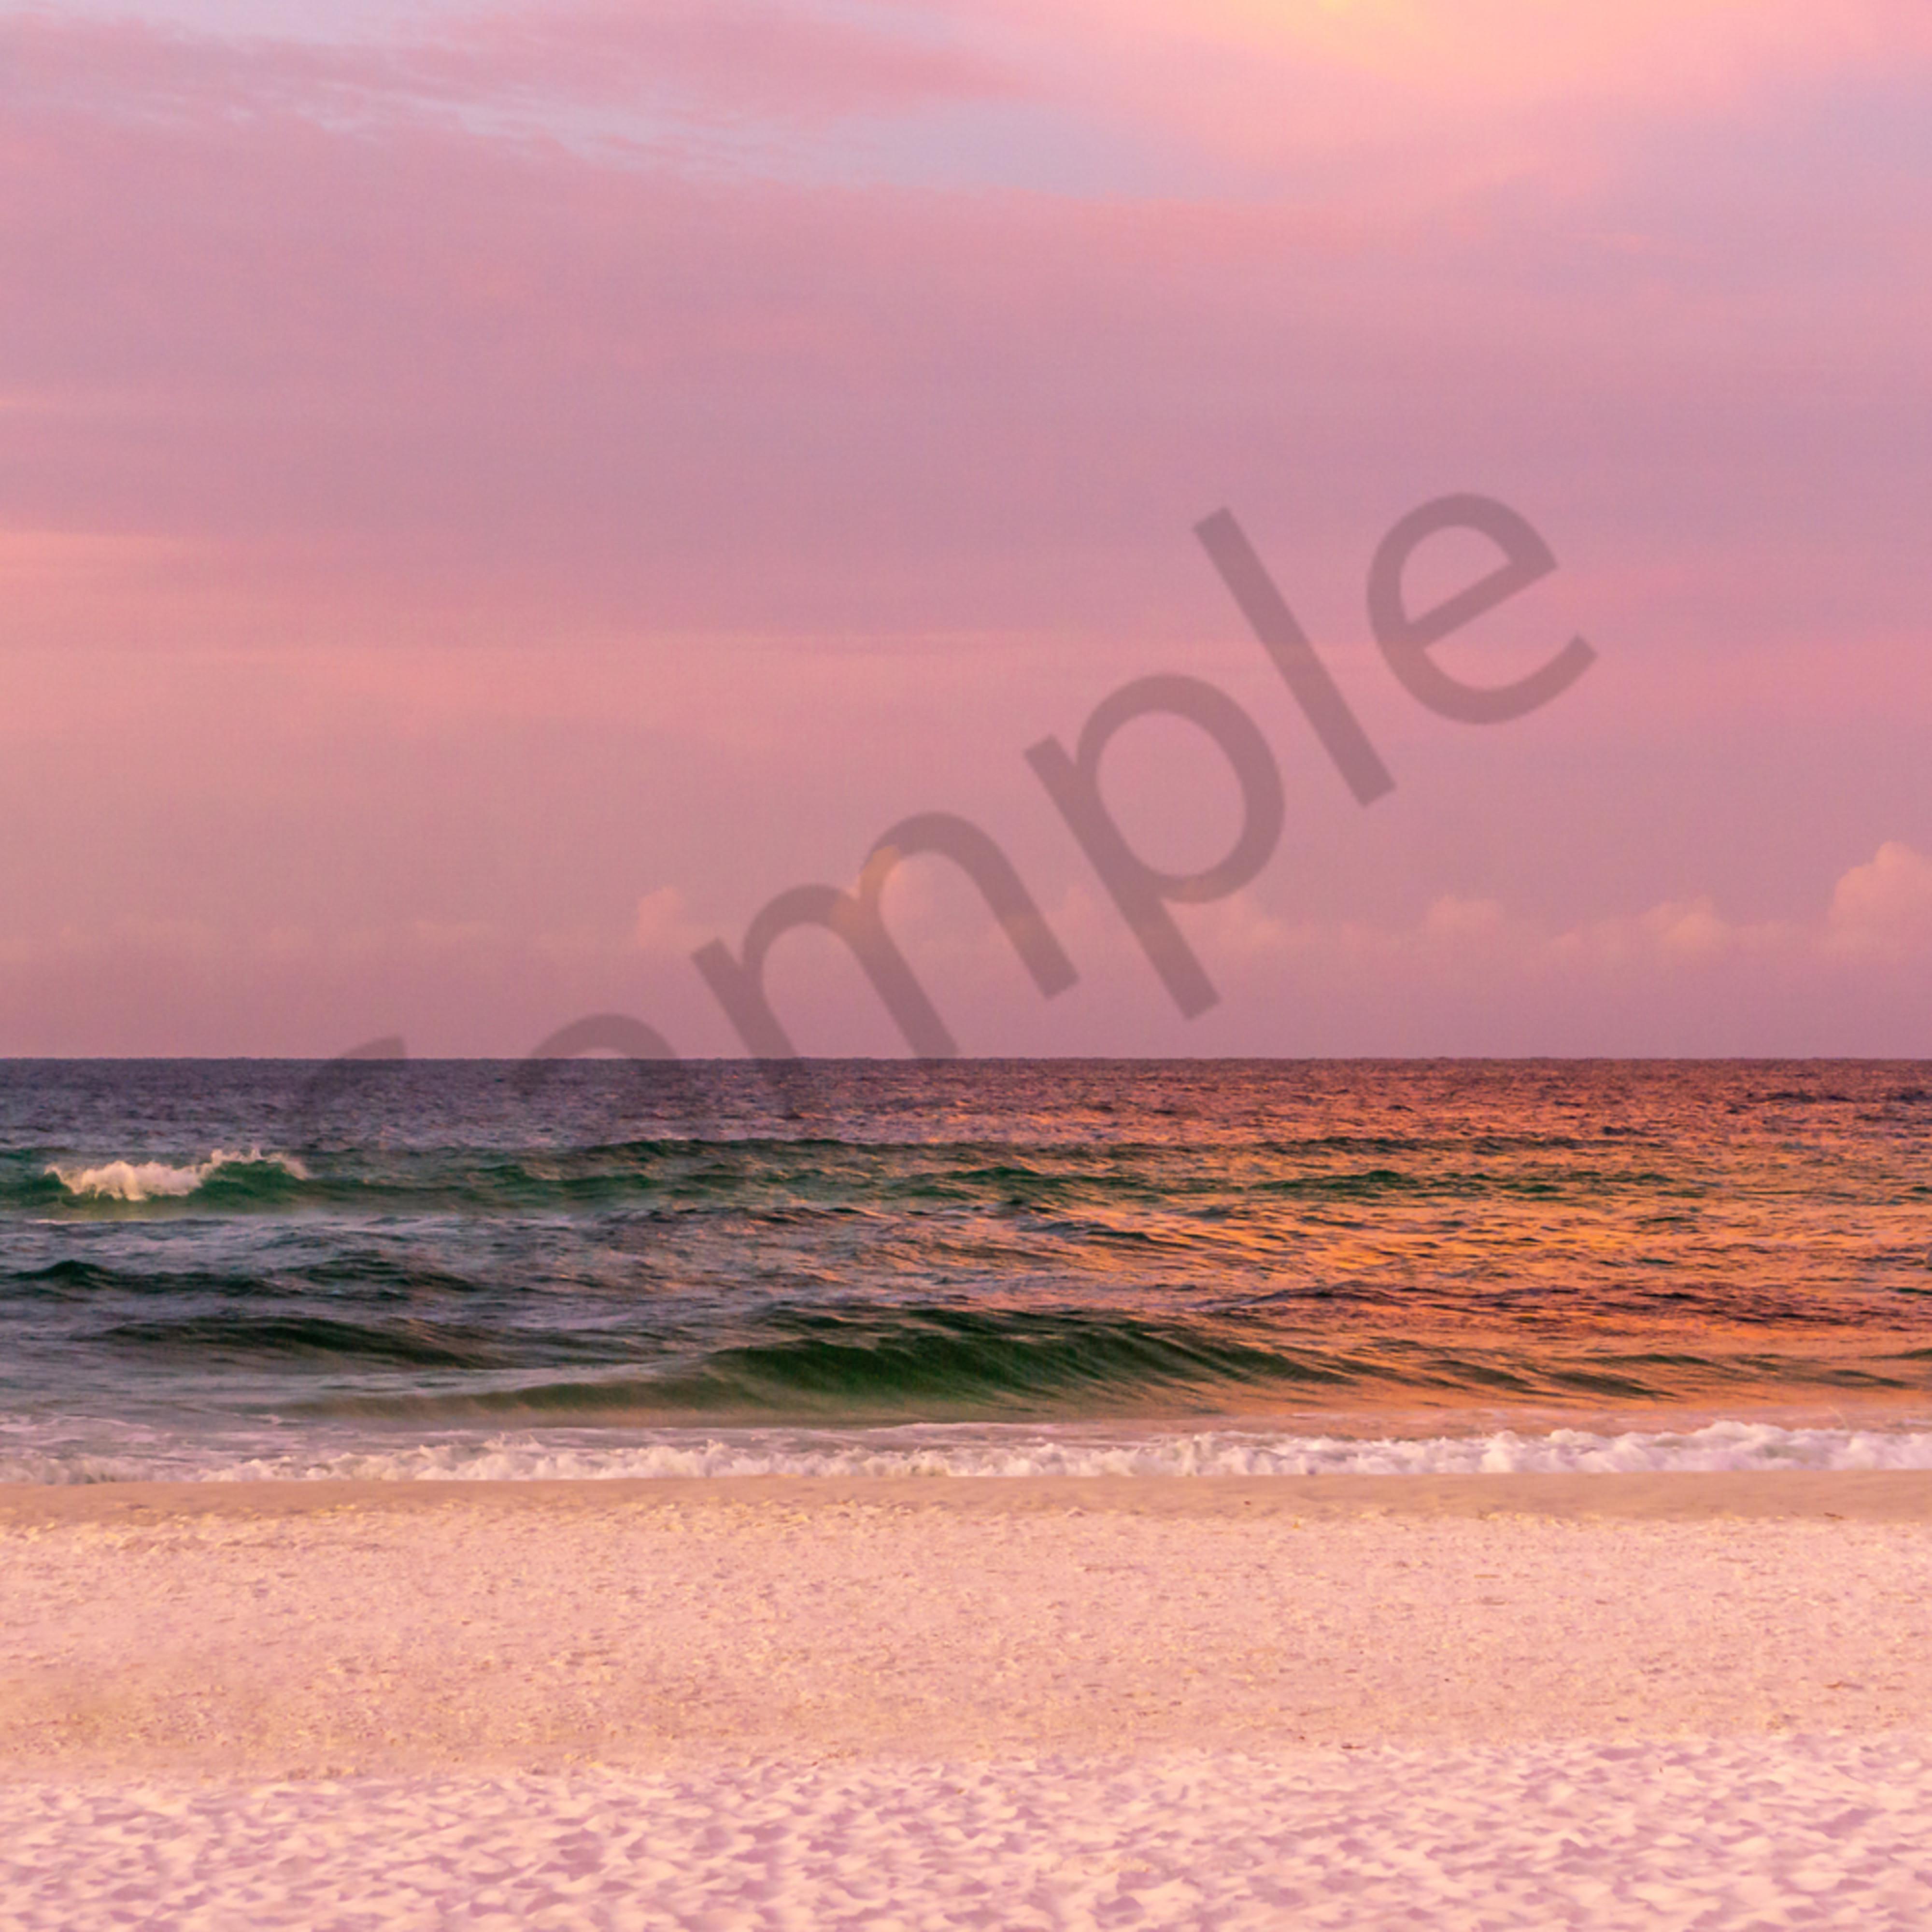 Colorful sunrise e7ih1q